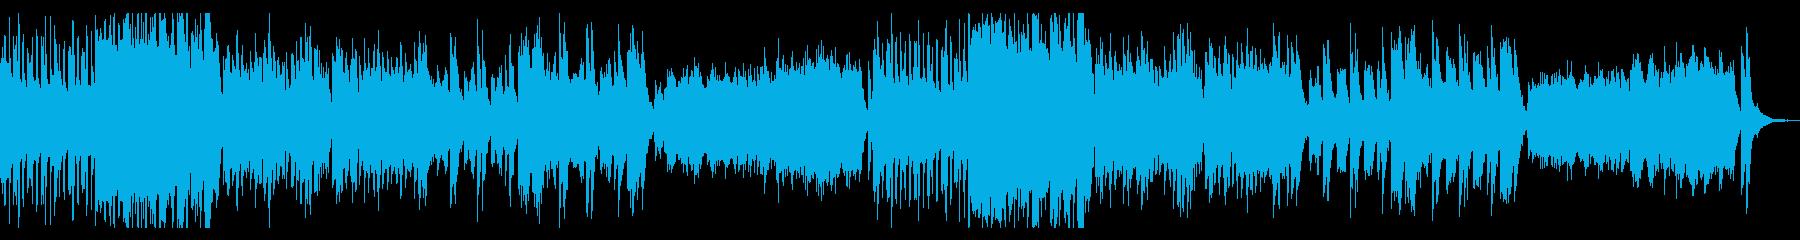 ゆったりシンプルなハロウィンオーケストラの再生済みの波形